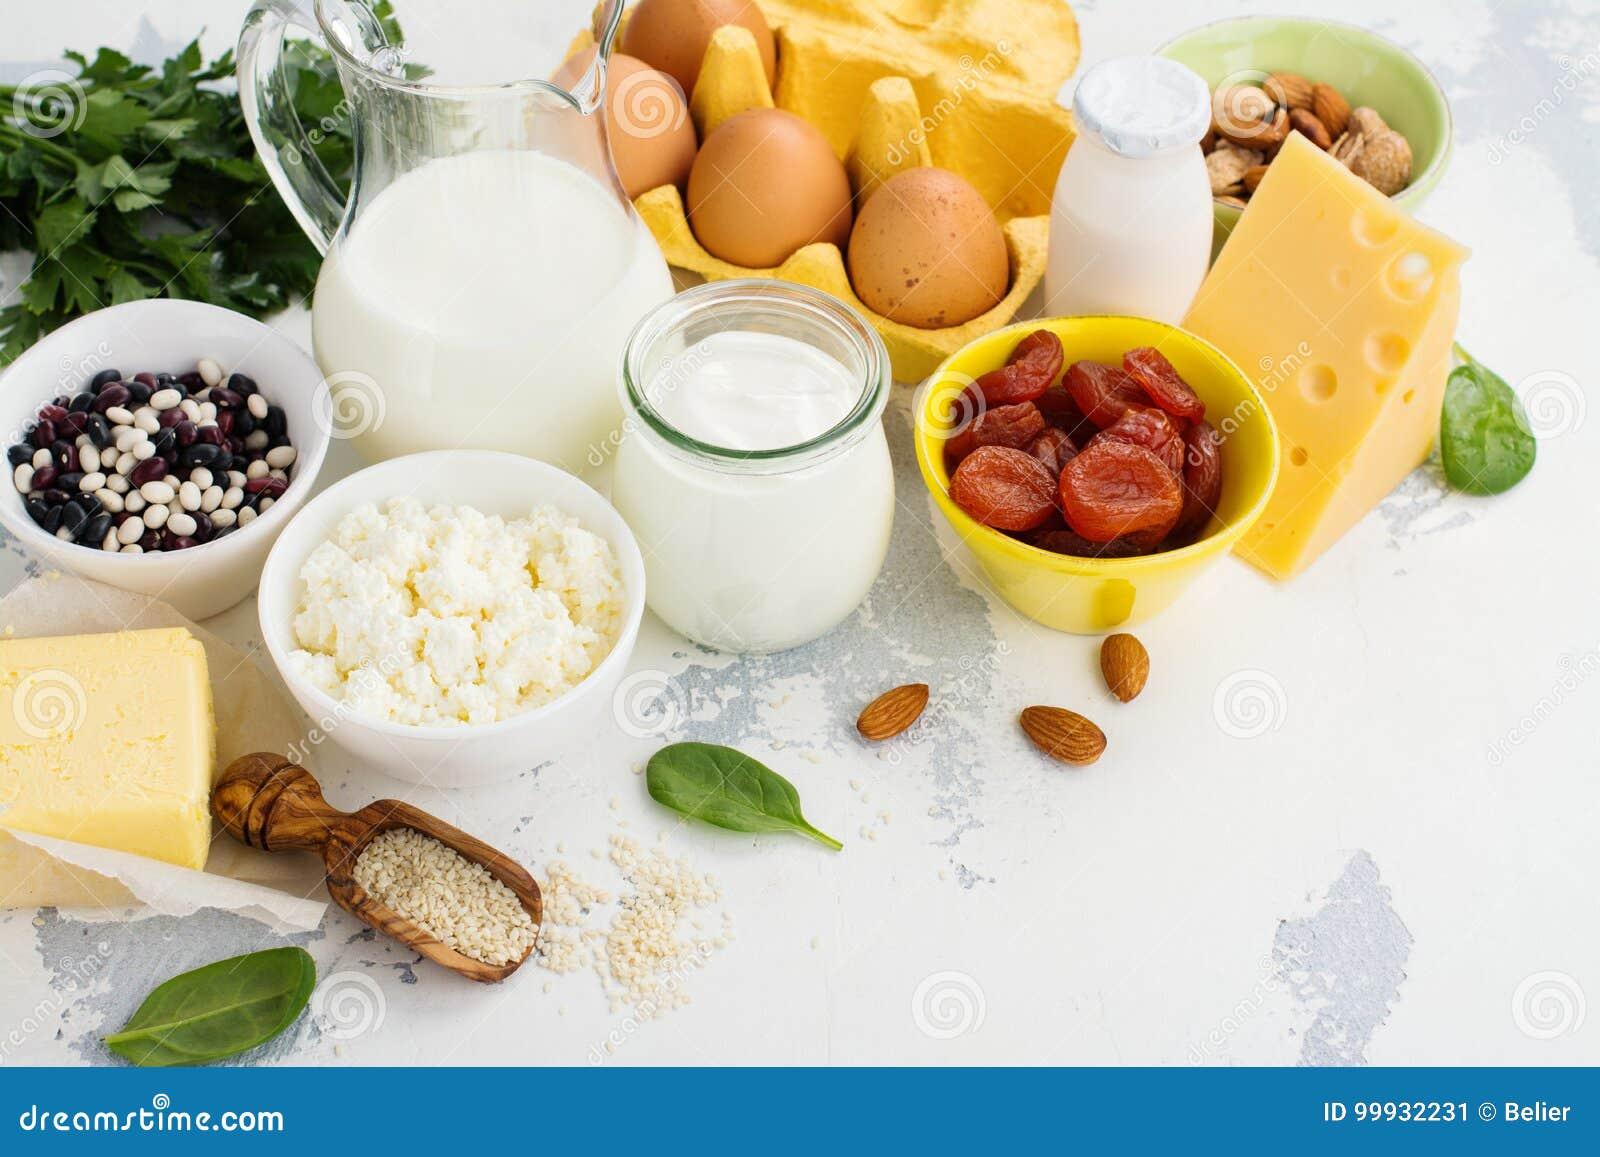 Food rich of calcium